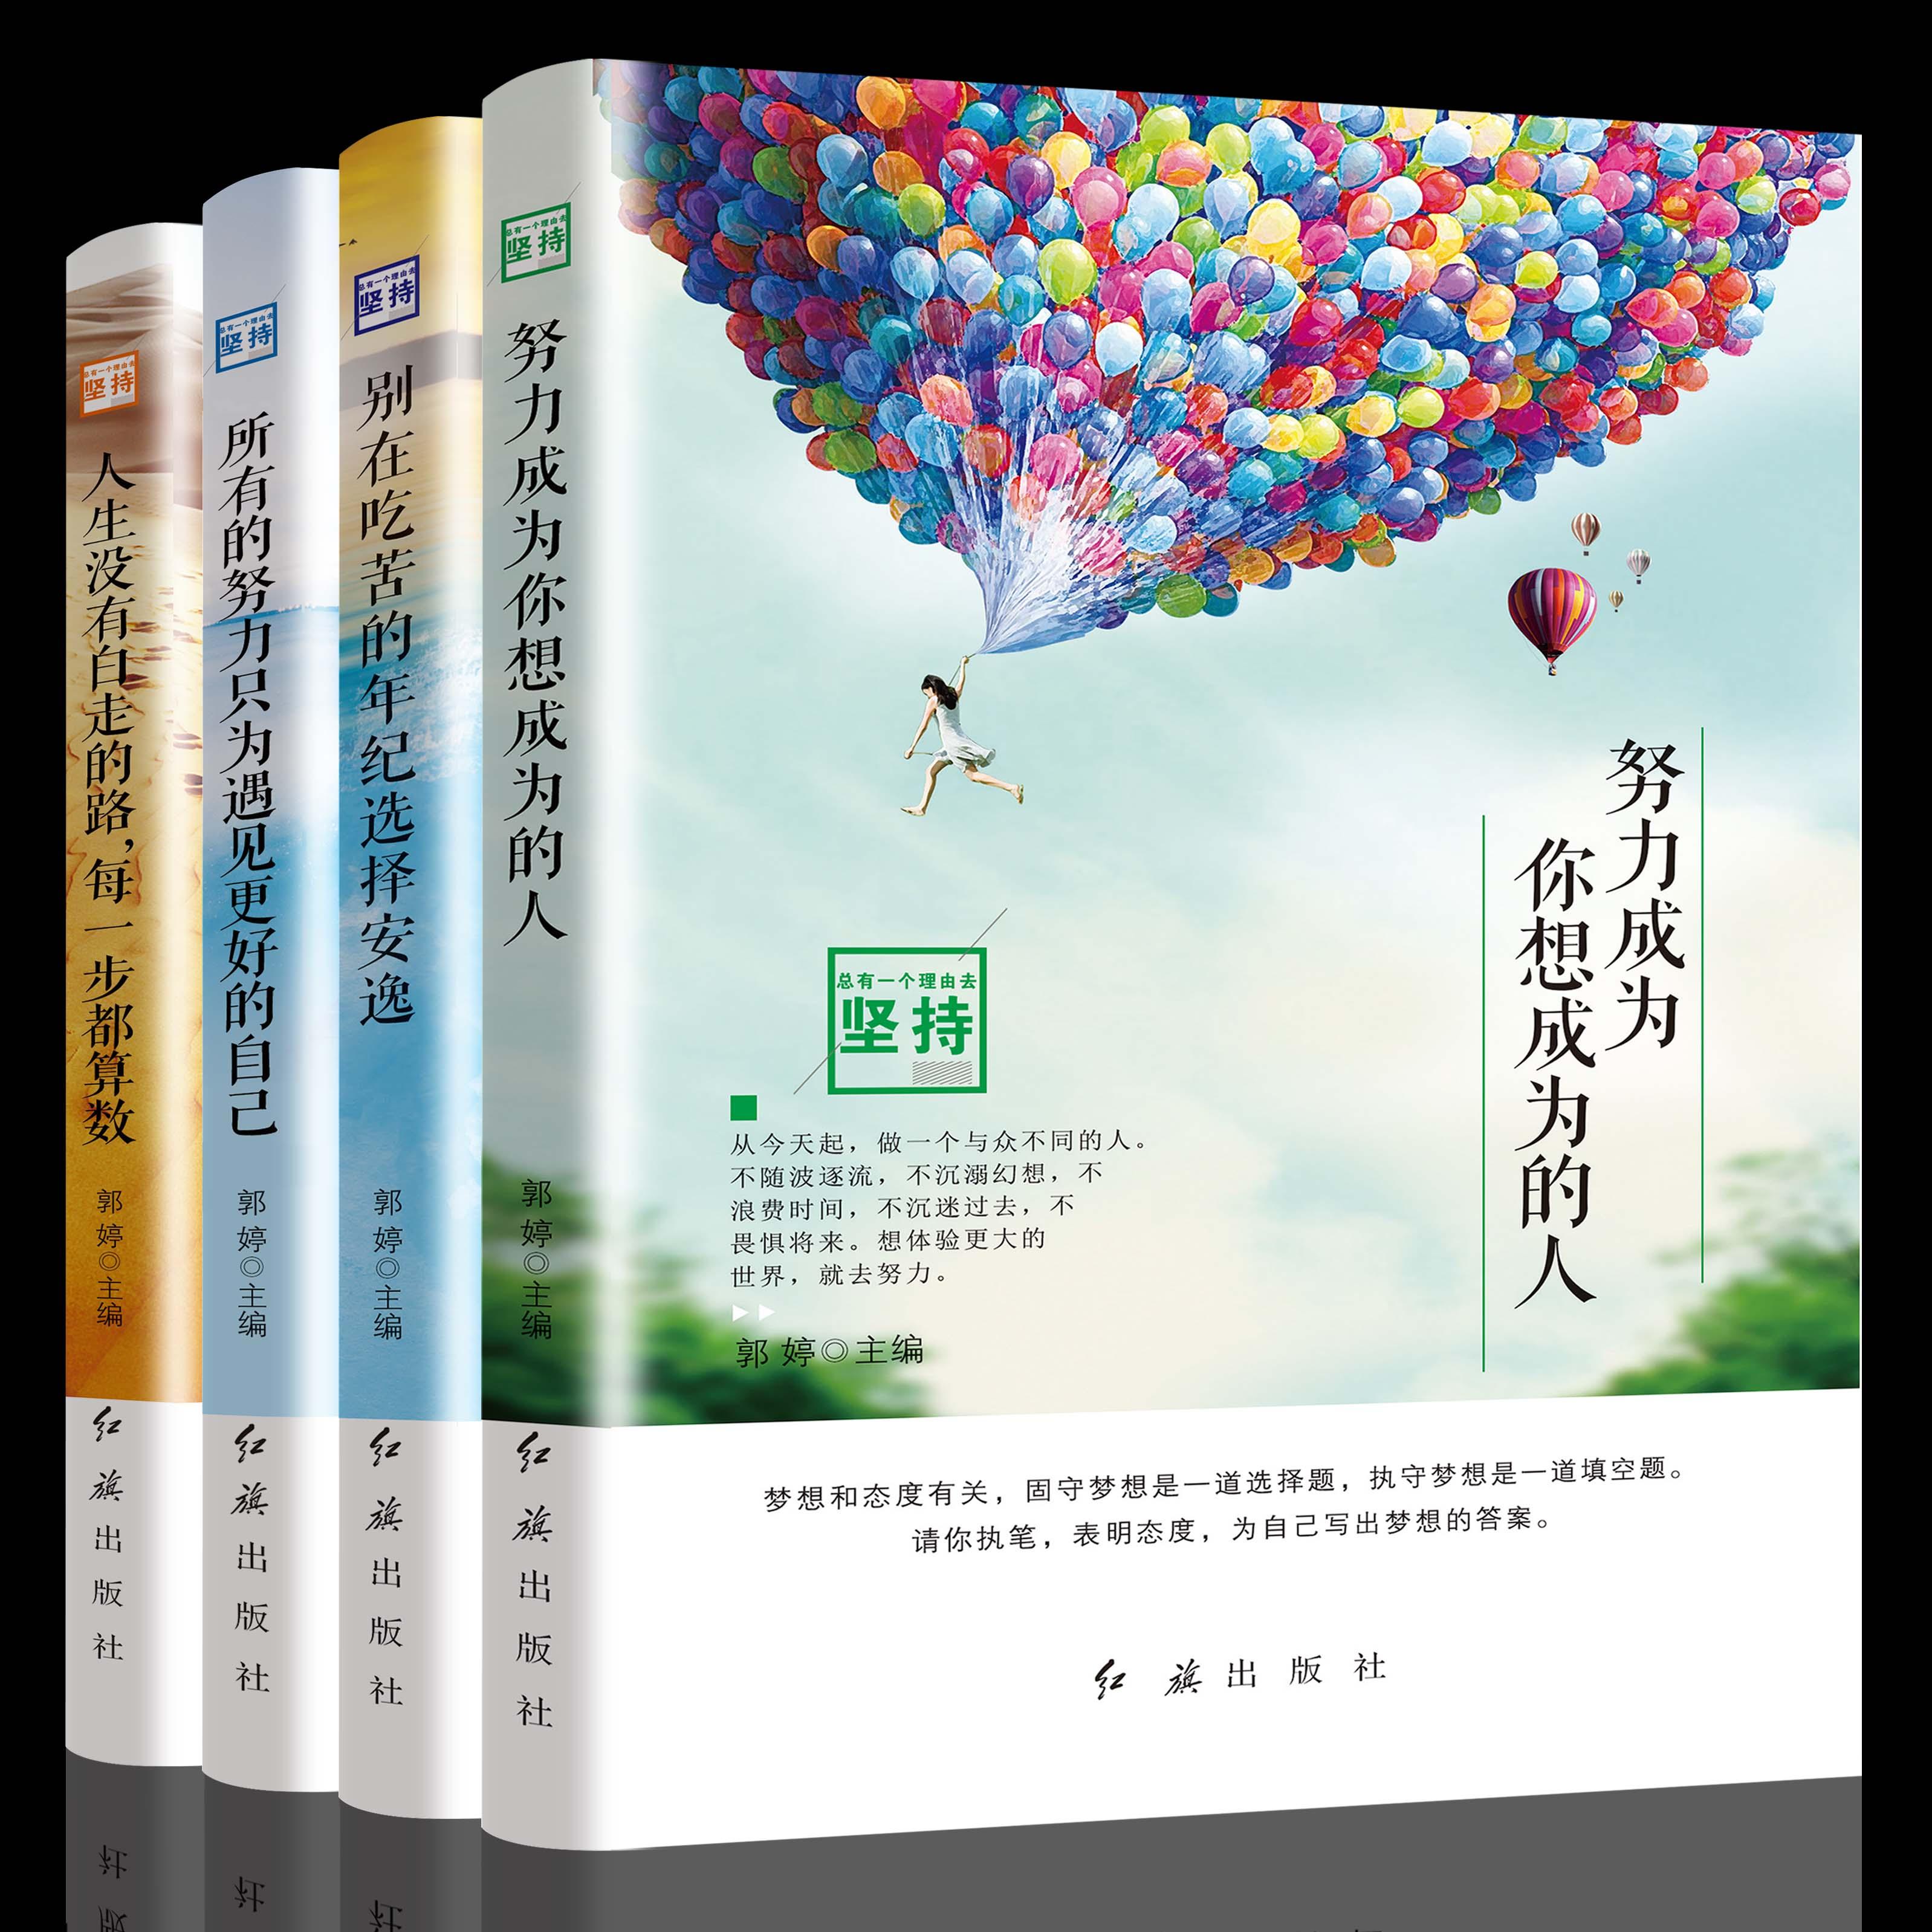 青少年励志文学书籍全套4册总有一个理由去坚持努力成为你想成为的人别在吃苦的年纪选择安逸所有的努力只为遇见更好的自己励志书